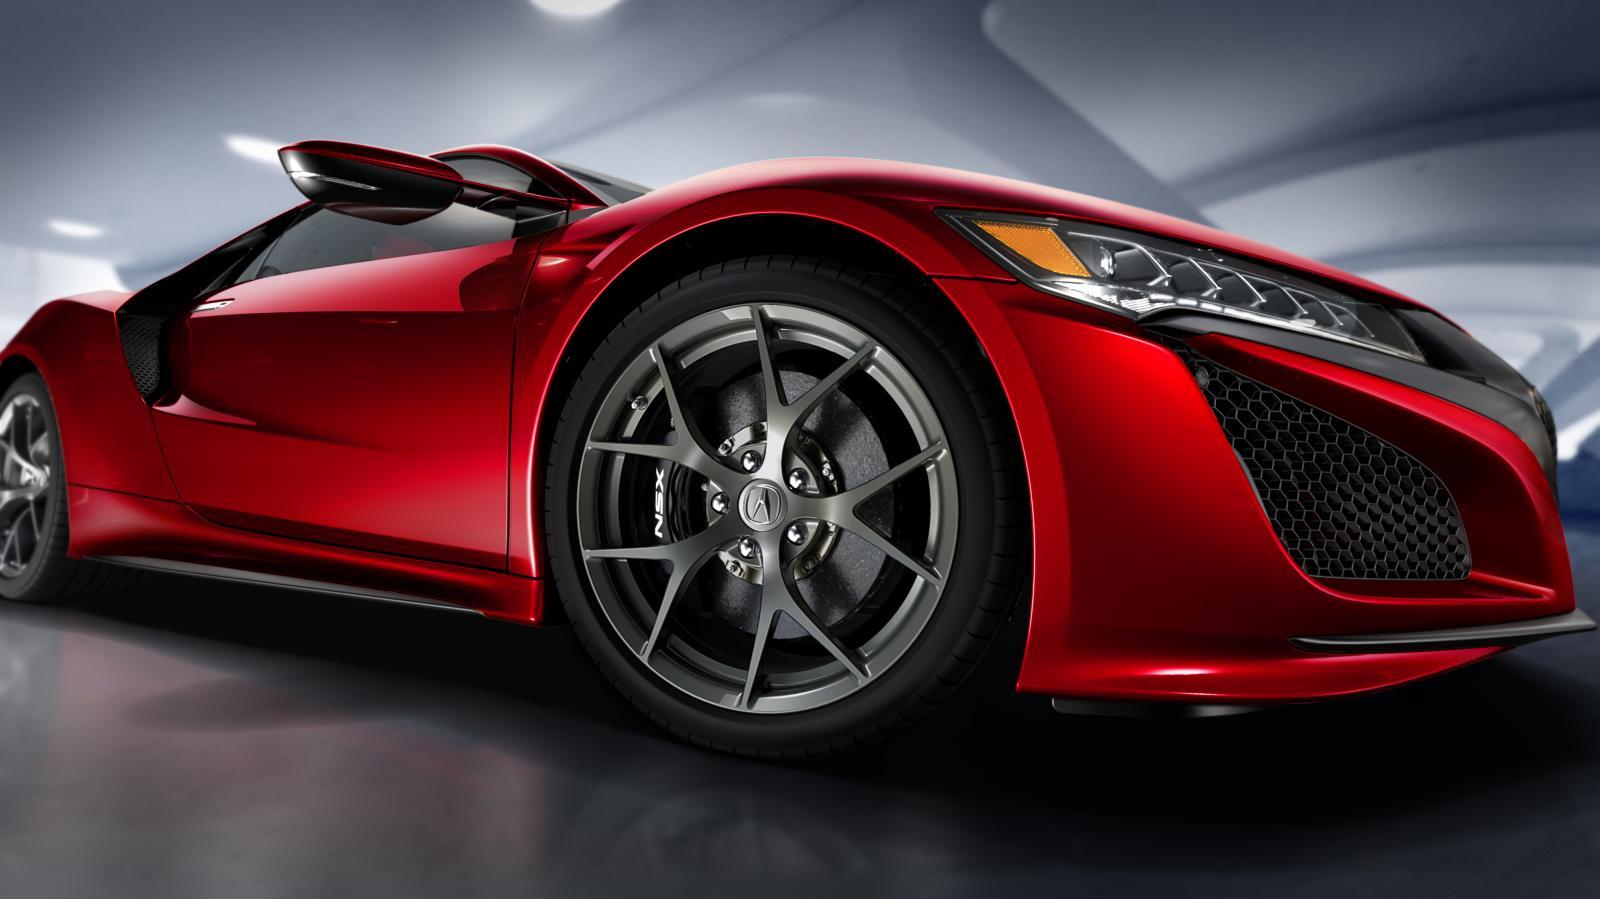 Buttonnak rendkívül jól áll az új Honda NSX: brutál kis gép